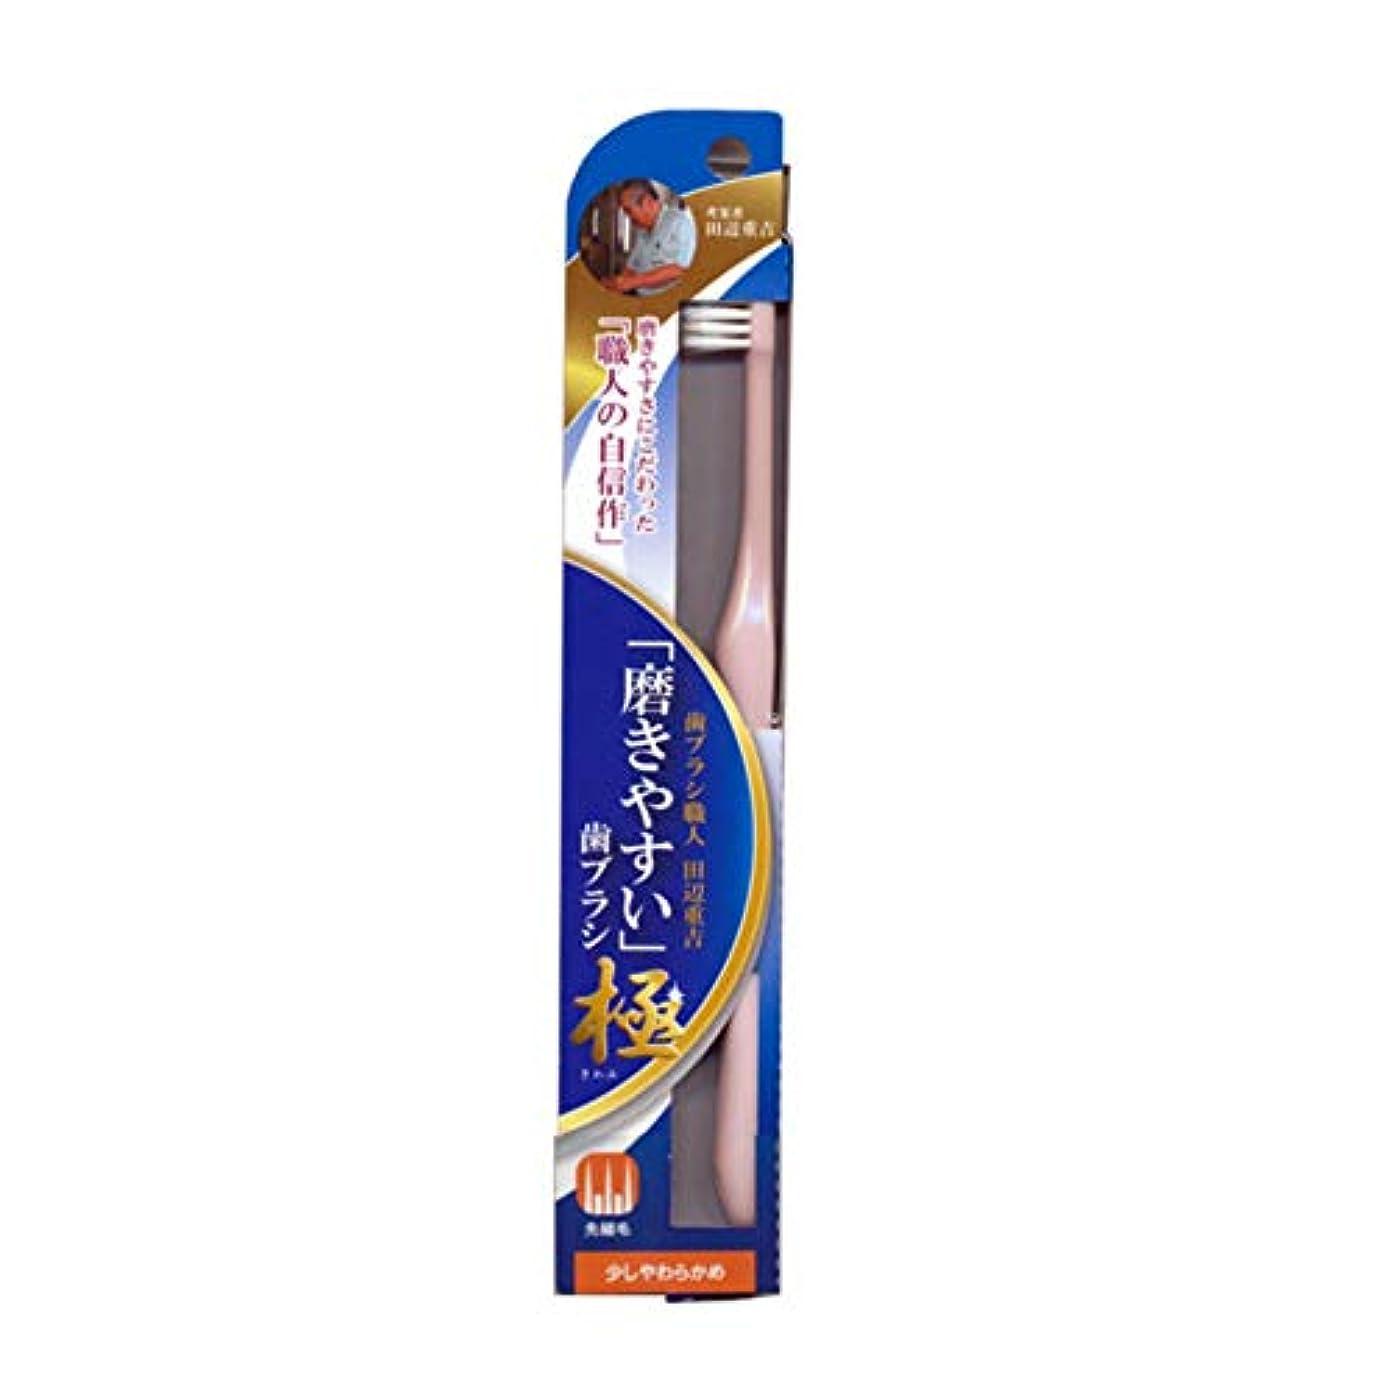 間役員用語集磨きやすい歯ブラシ極 (少し柔らかめ) LT-43 先細毛(色選択不可)